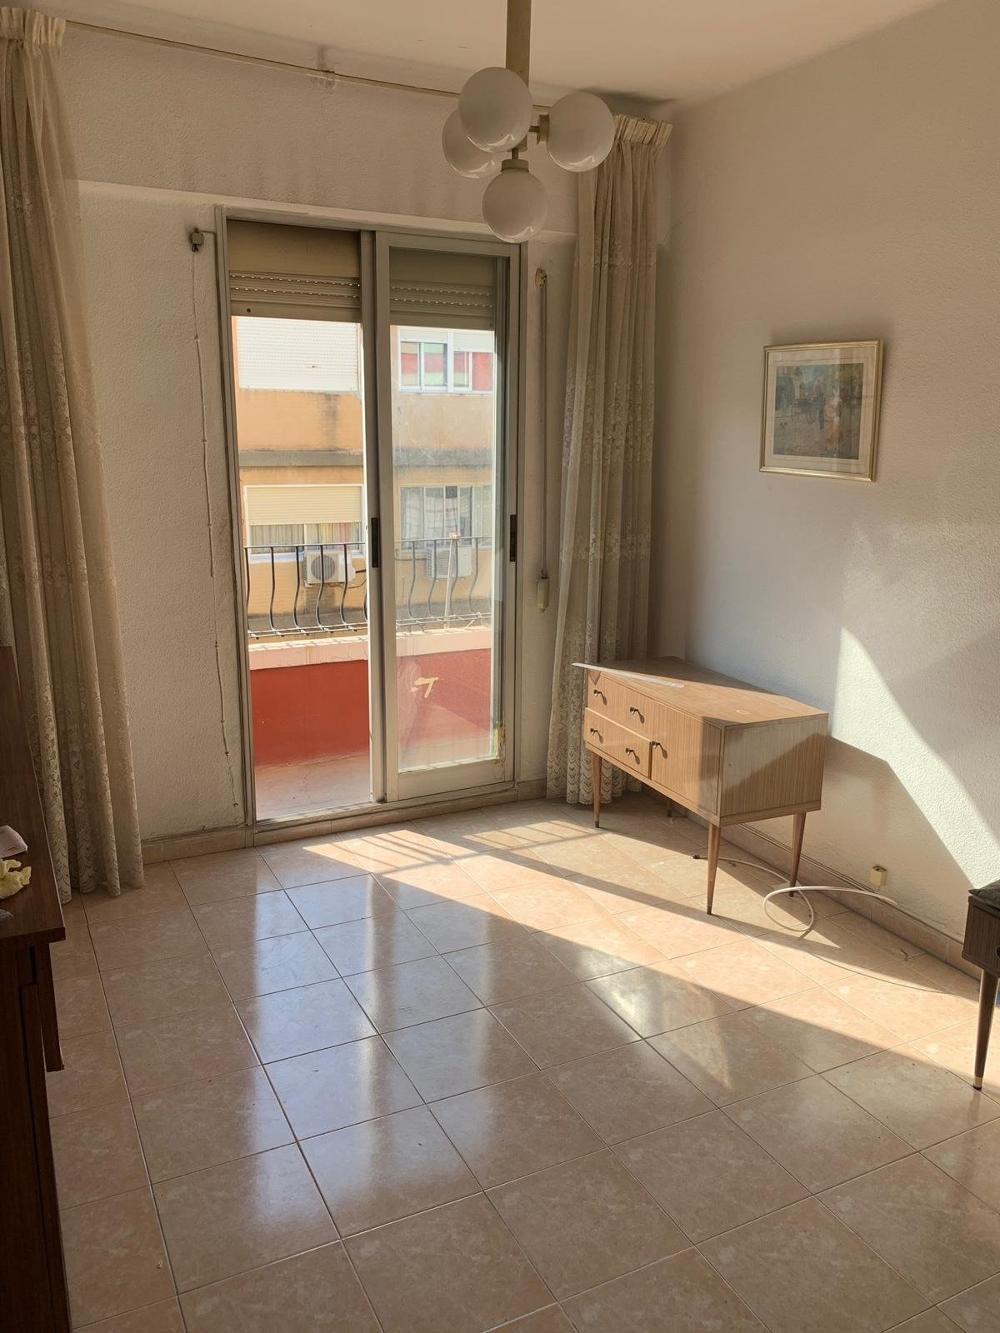 l'eixample russafa valencia lägenhet foto 3830542